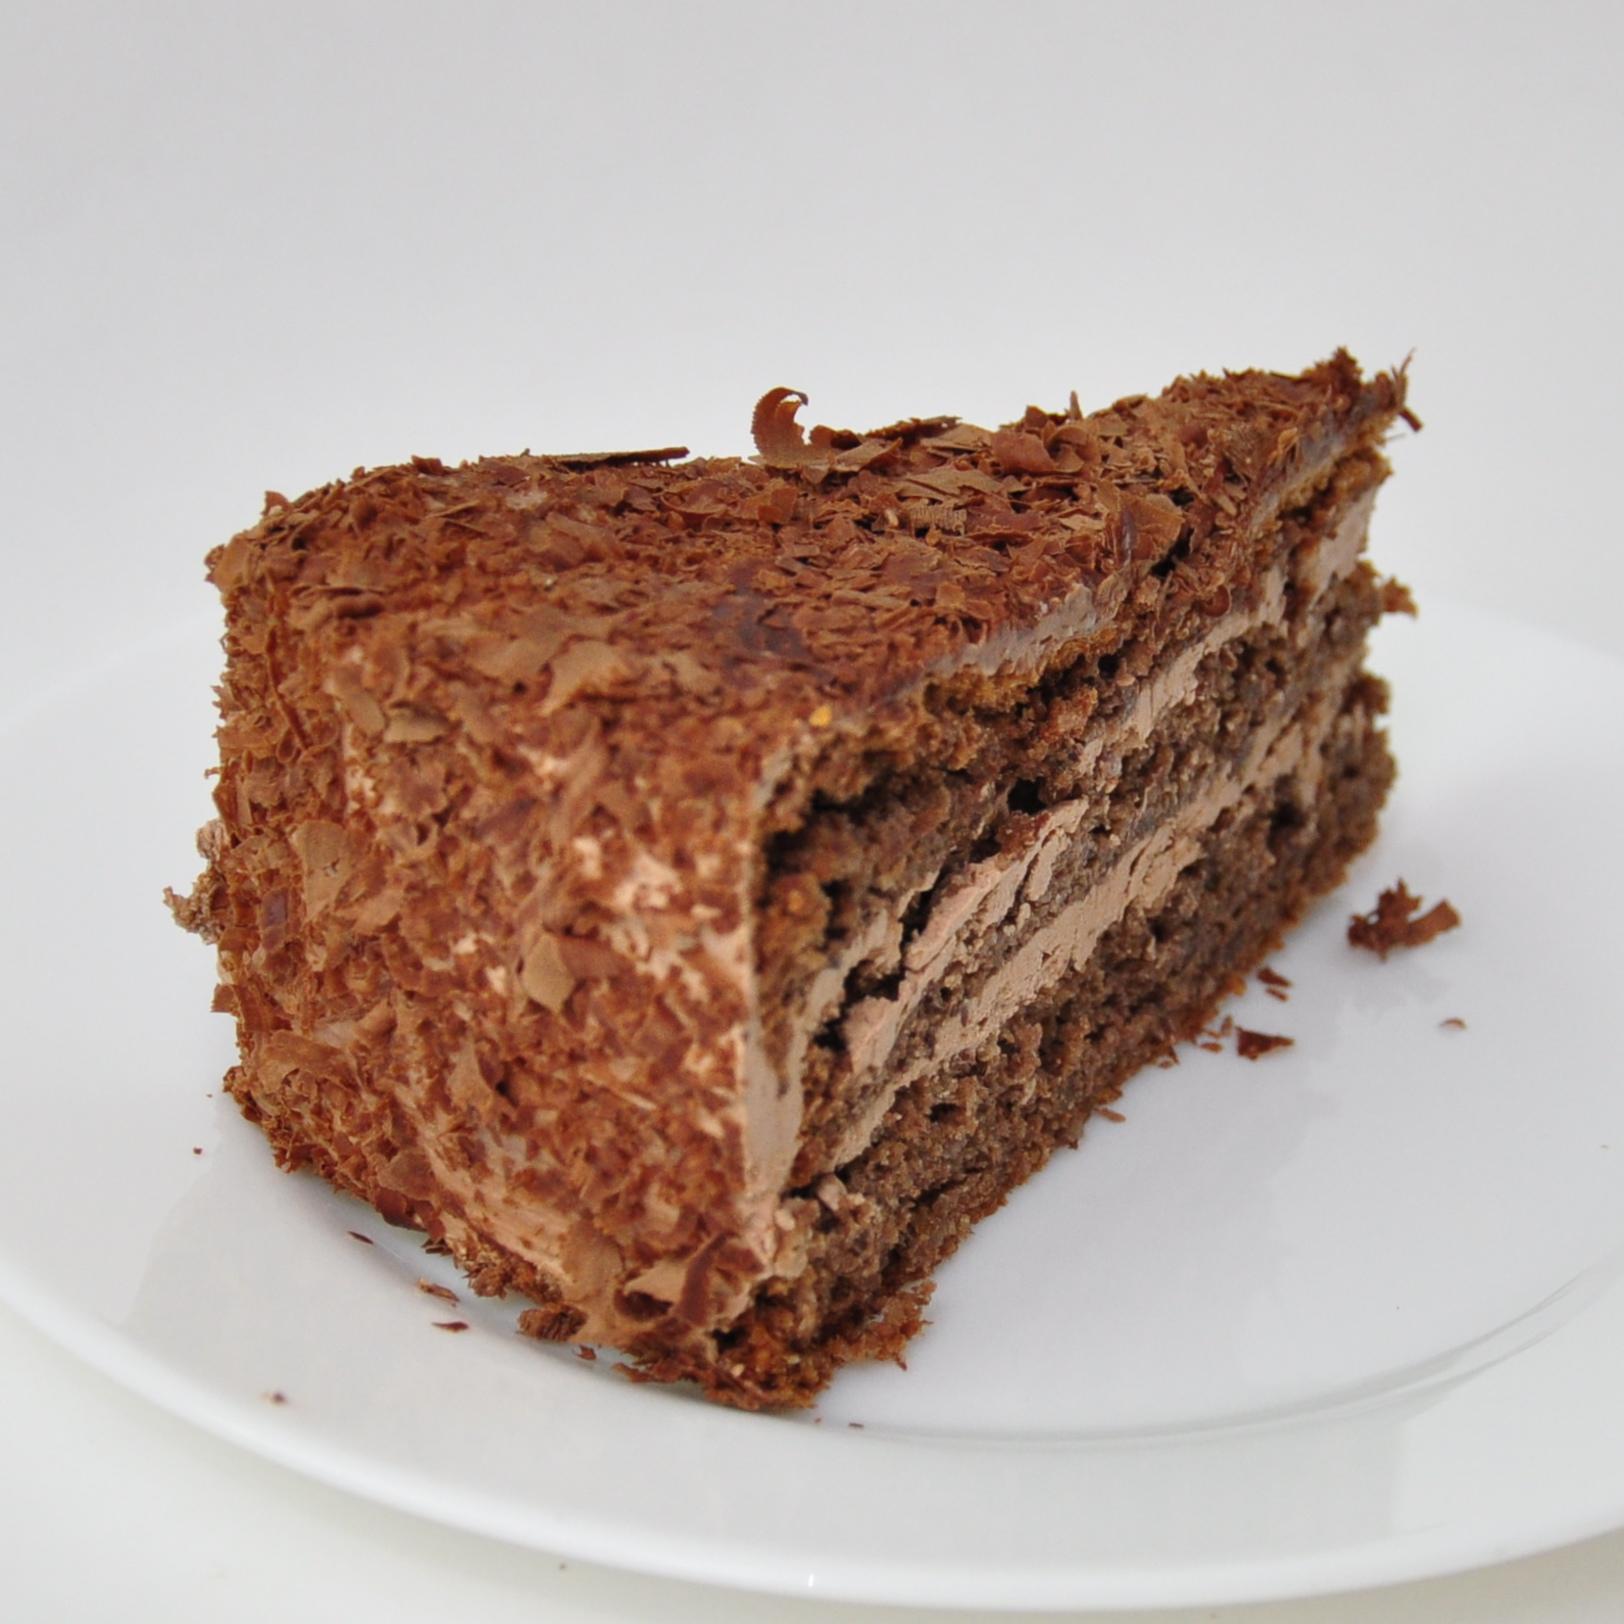 Eis-Voh-glutenfrei-Kuchen-Schokolden-Sahne-Torte